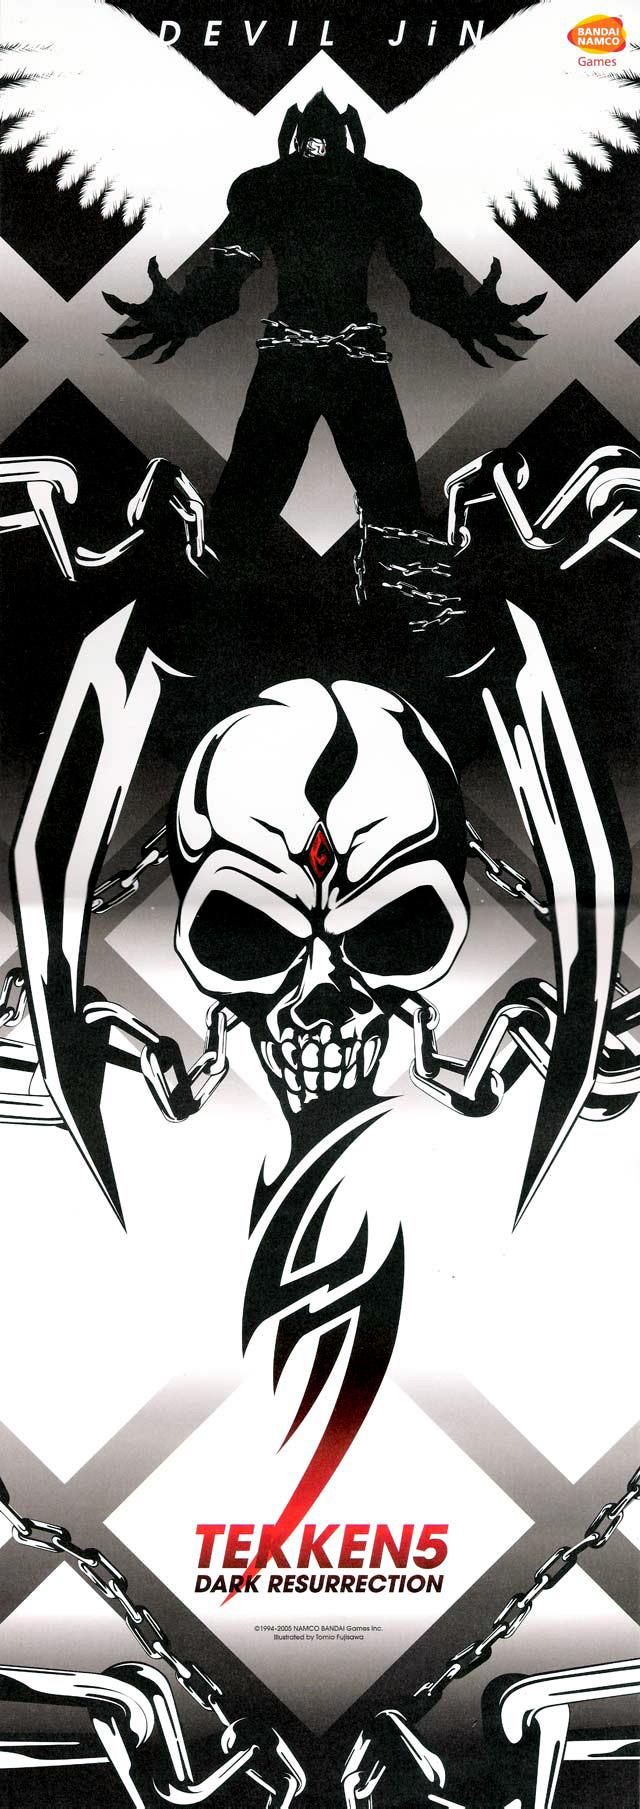 Devil Jin Tekken Image 1114181 Zerochan Anime Image Board